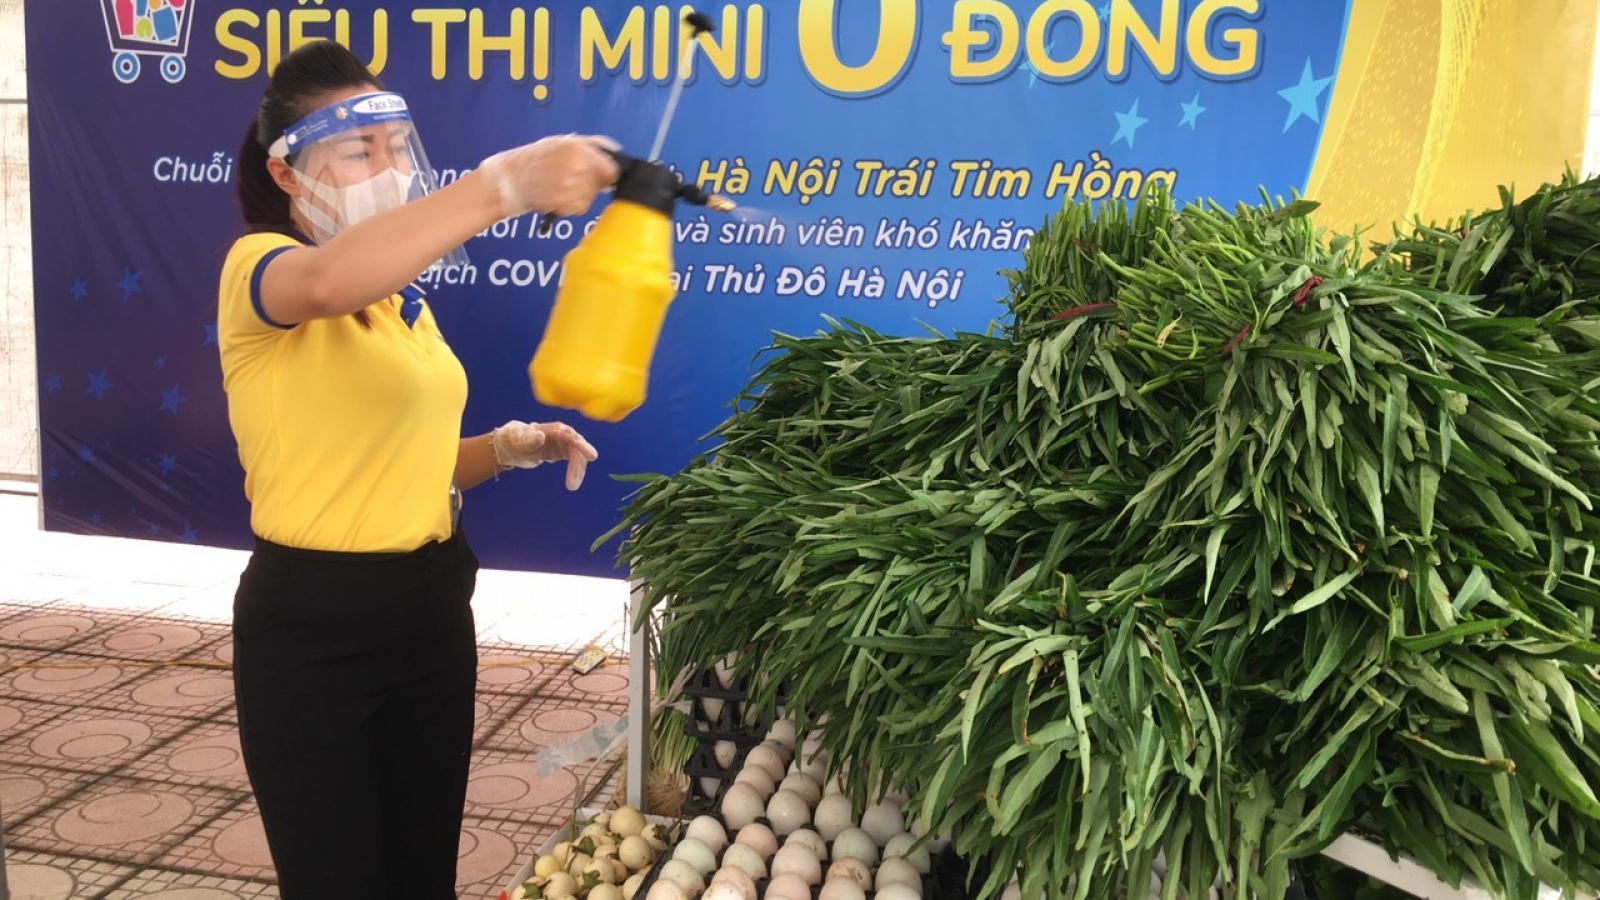 """""""Siêu thị mini 0 đồng"""" đầu tiên ở Hà Nội giúp đỡ người dân gặp khó khăn"""